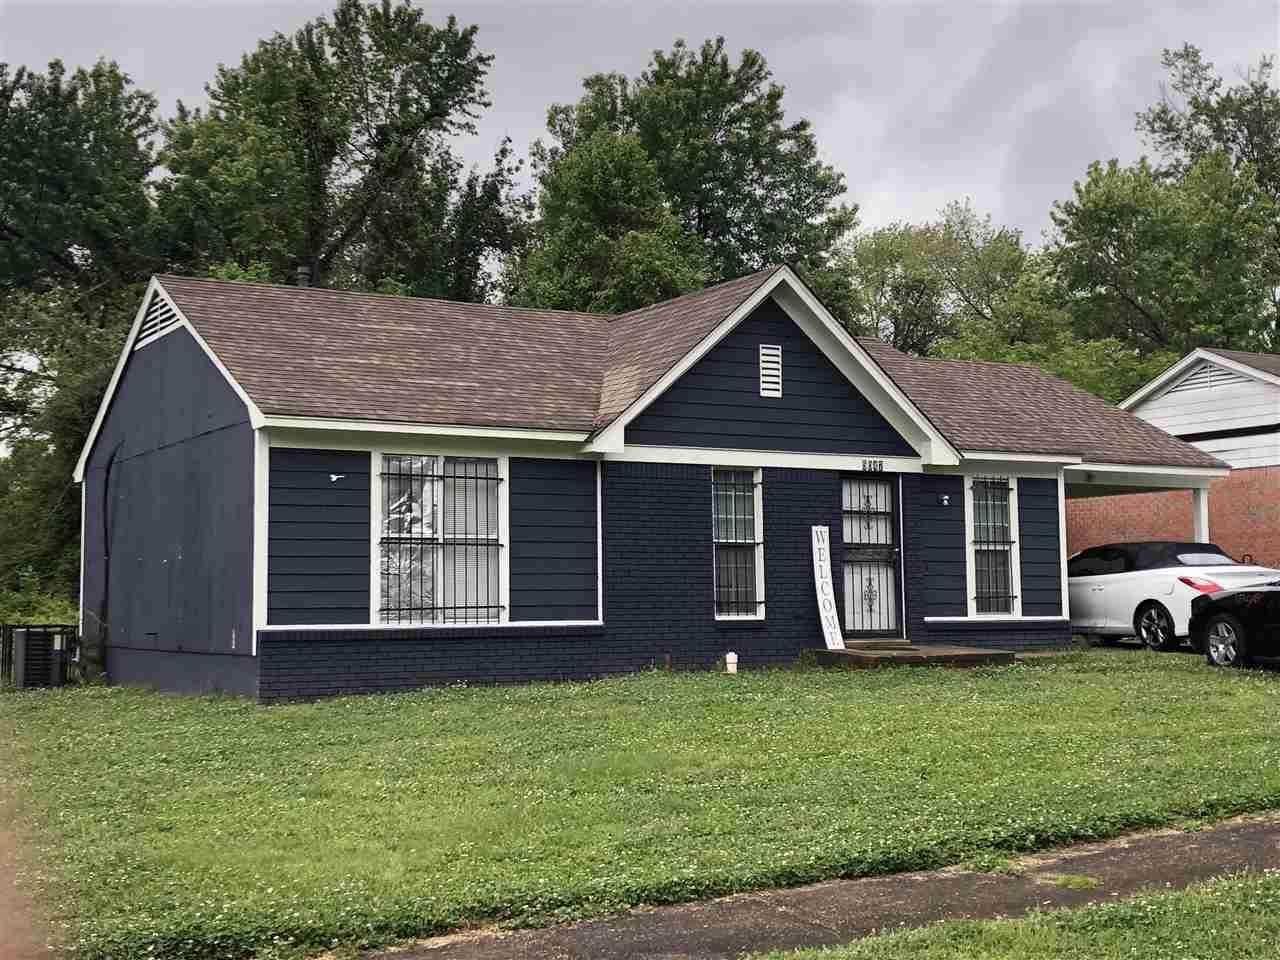 5047 Carterville Pl - Photo 1